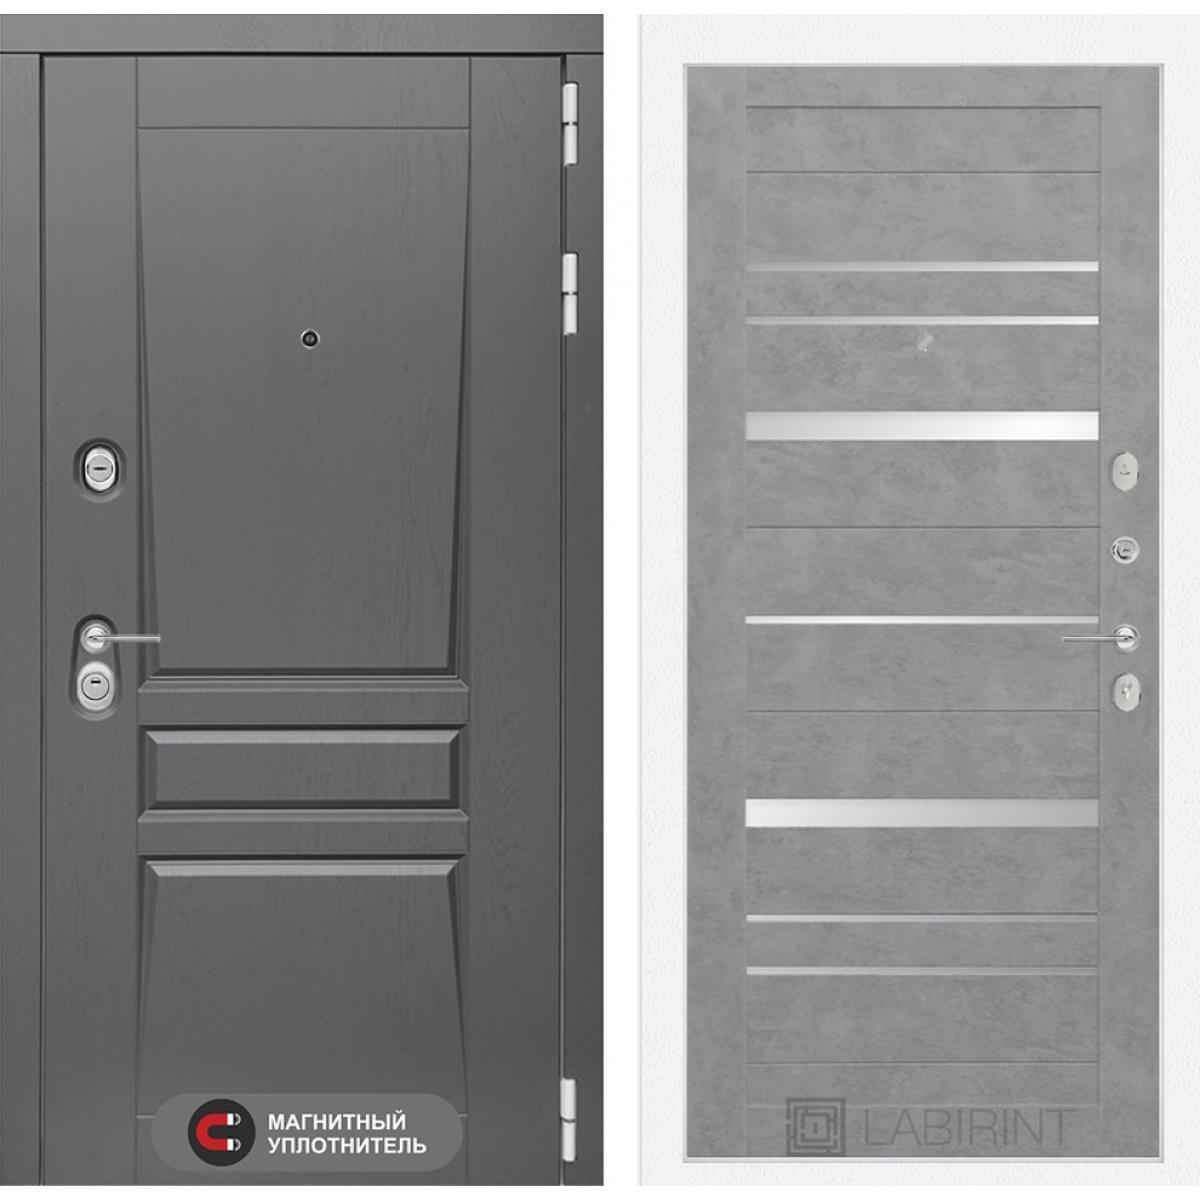 Входная дверь Платинум 20 - Бетон светлый, зеркальные вставки